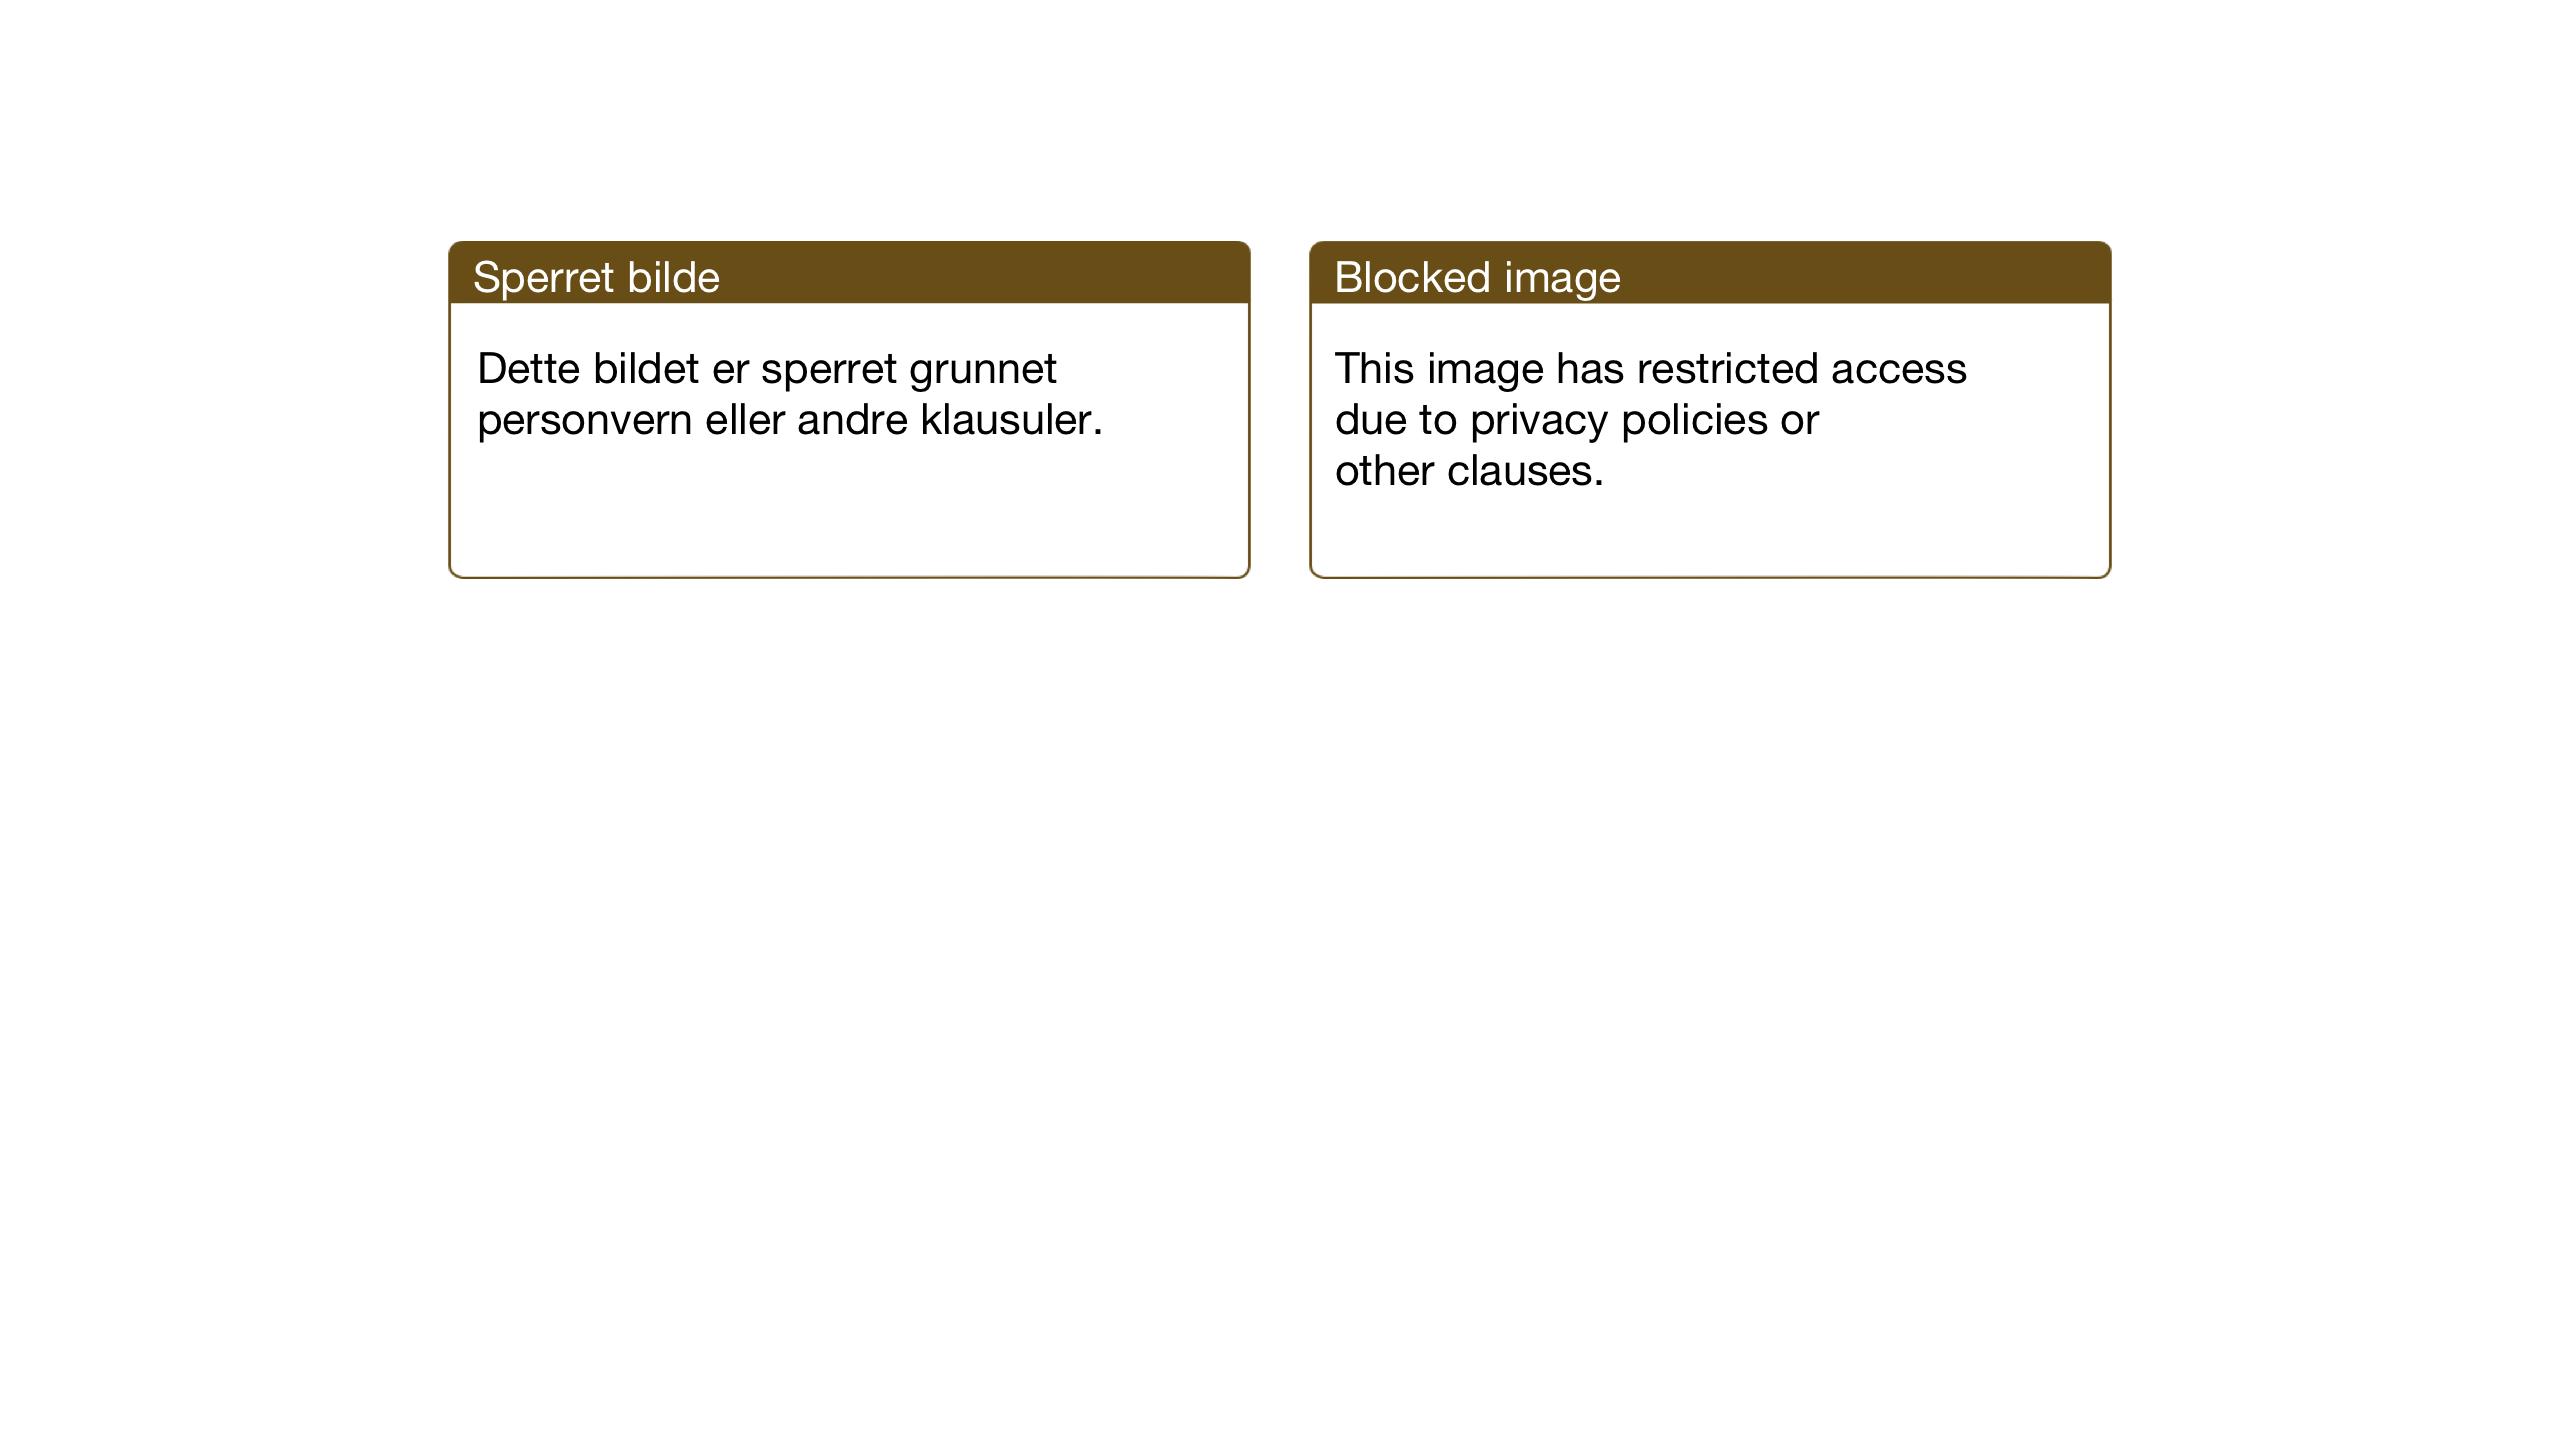 SAT, Ministerialprotokoller, klokkerbøker og fødselsregistre - Sør-Trøndelag, 608/L0343: Klokkerbok nr. 608C09, 1938-1952, s. 60